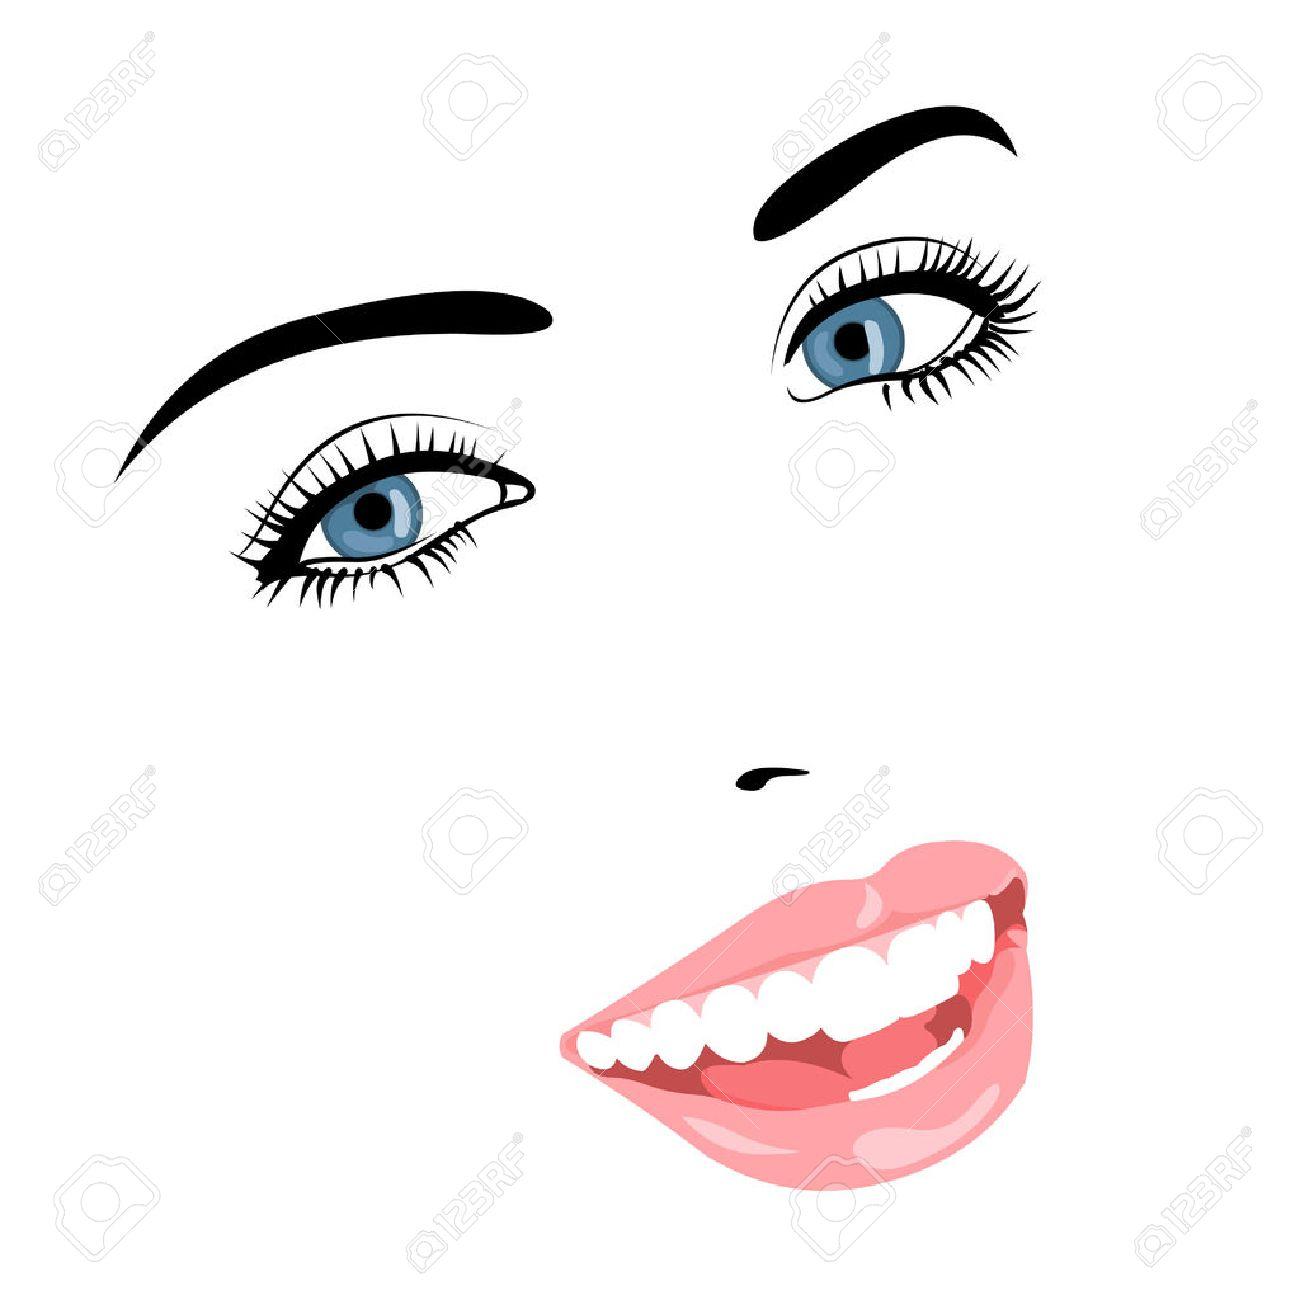 ベクトル線青い美しい笑顔の肖像画の目女性顔簡単編集可能なイラスト